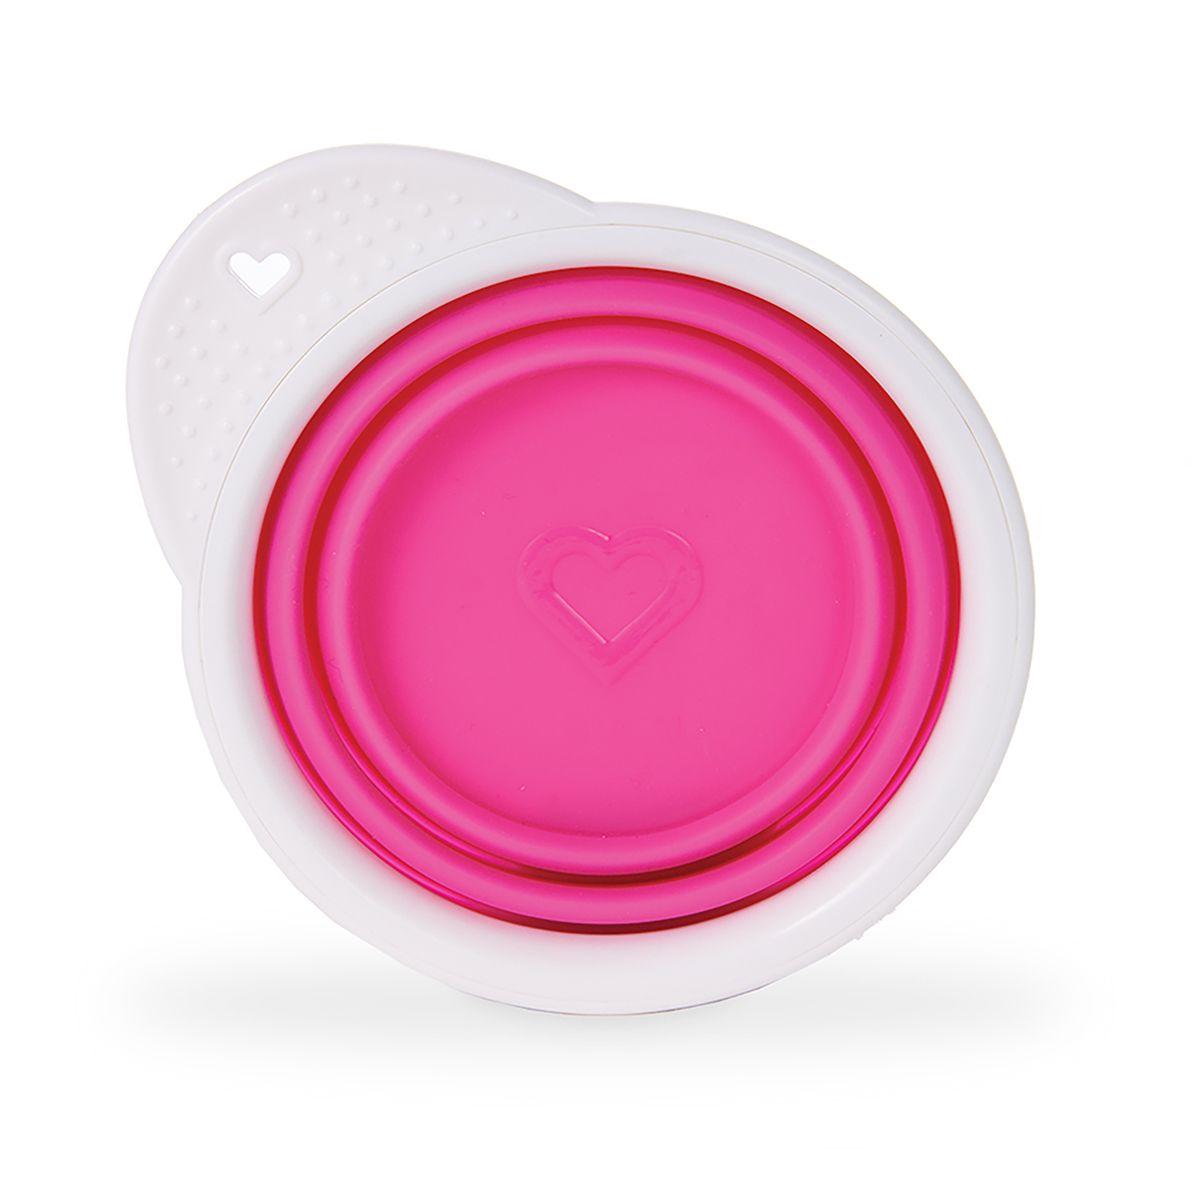 Billede af Skål fra Munchkin - Foldbar - Go Bowl - Pink